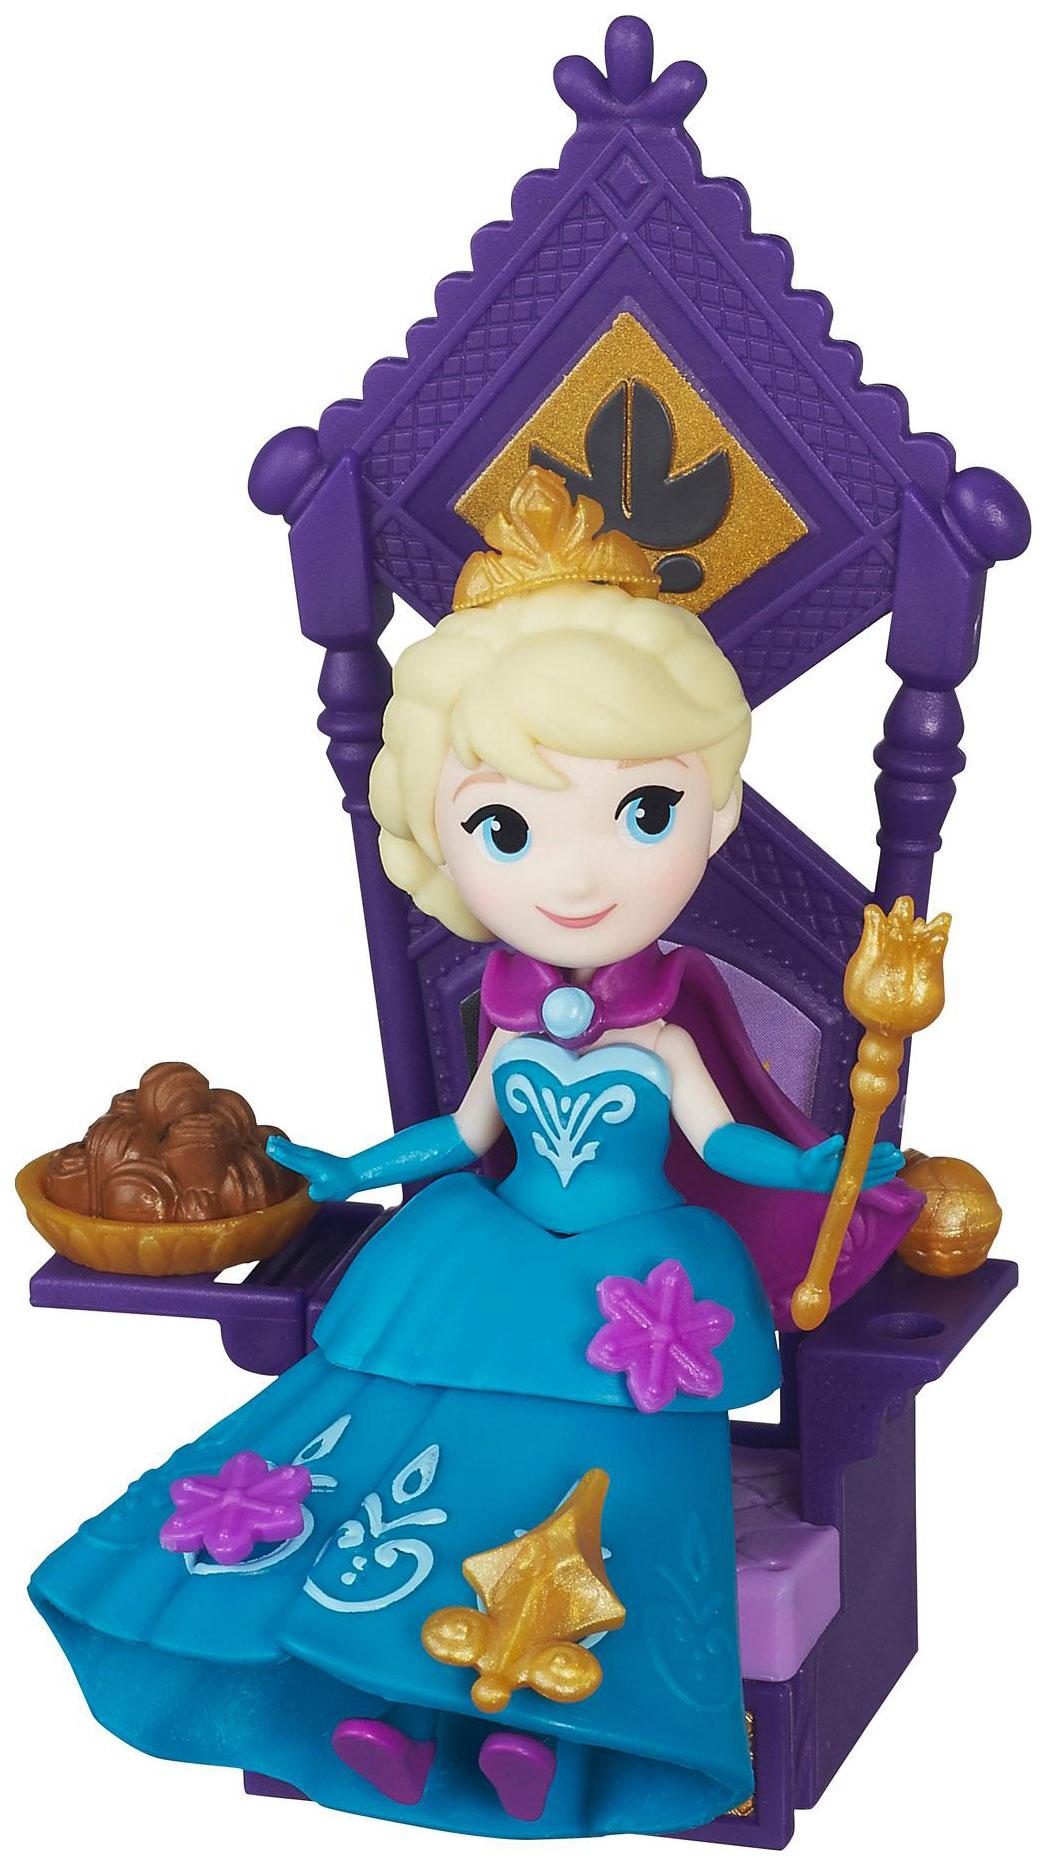 Купить Игровой набор маленькие куклы холодное сердце с аксессуарами b5188 b5189 в ассортименте, Disney Frozen, Классические куклы